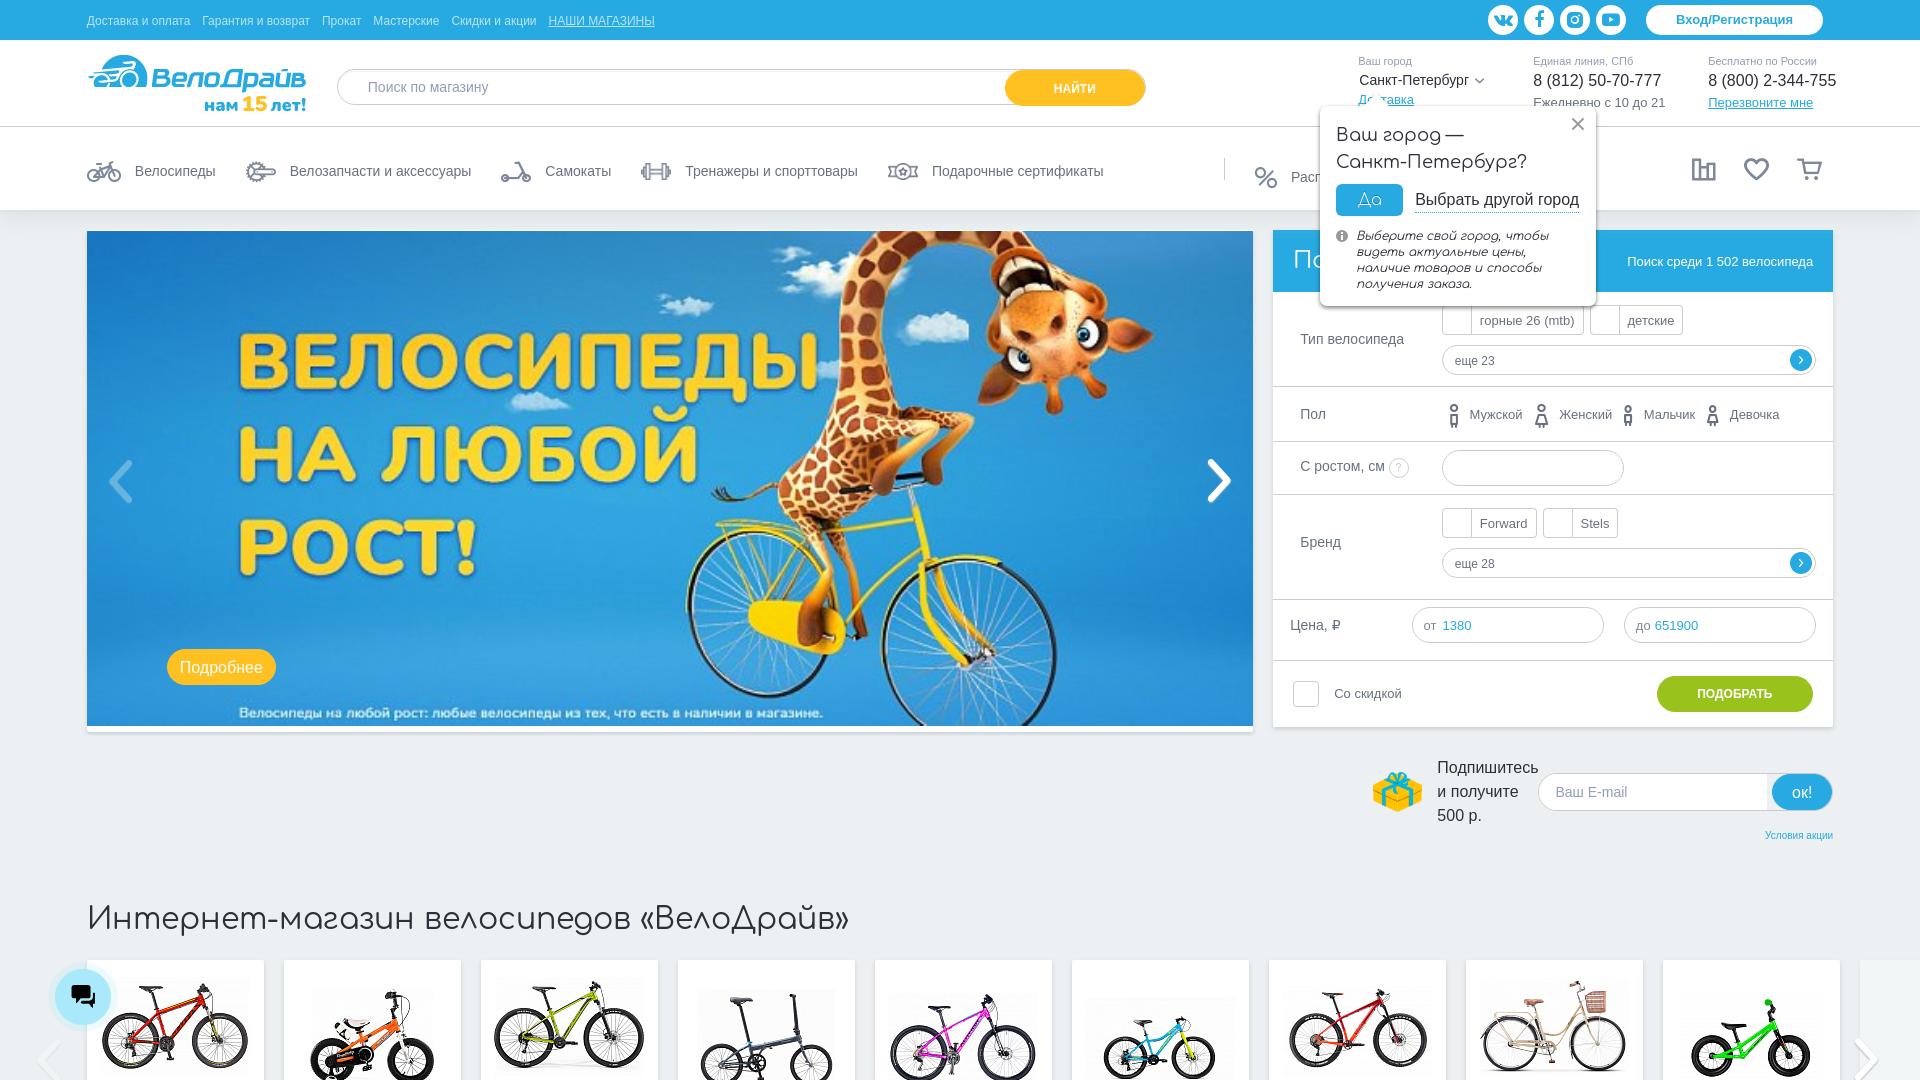 velodrive.ru website